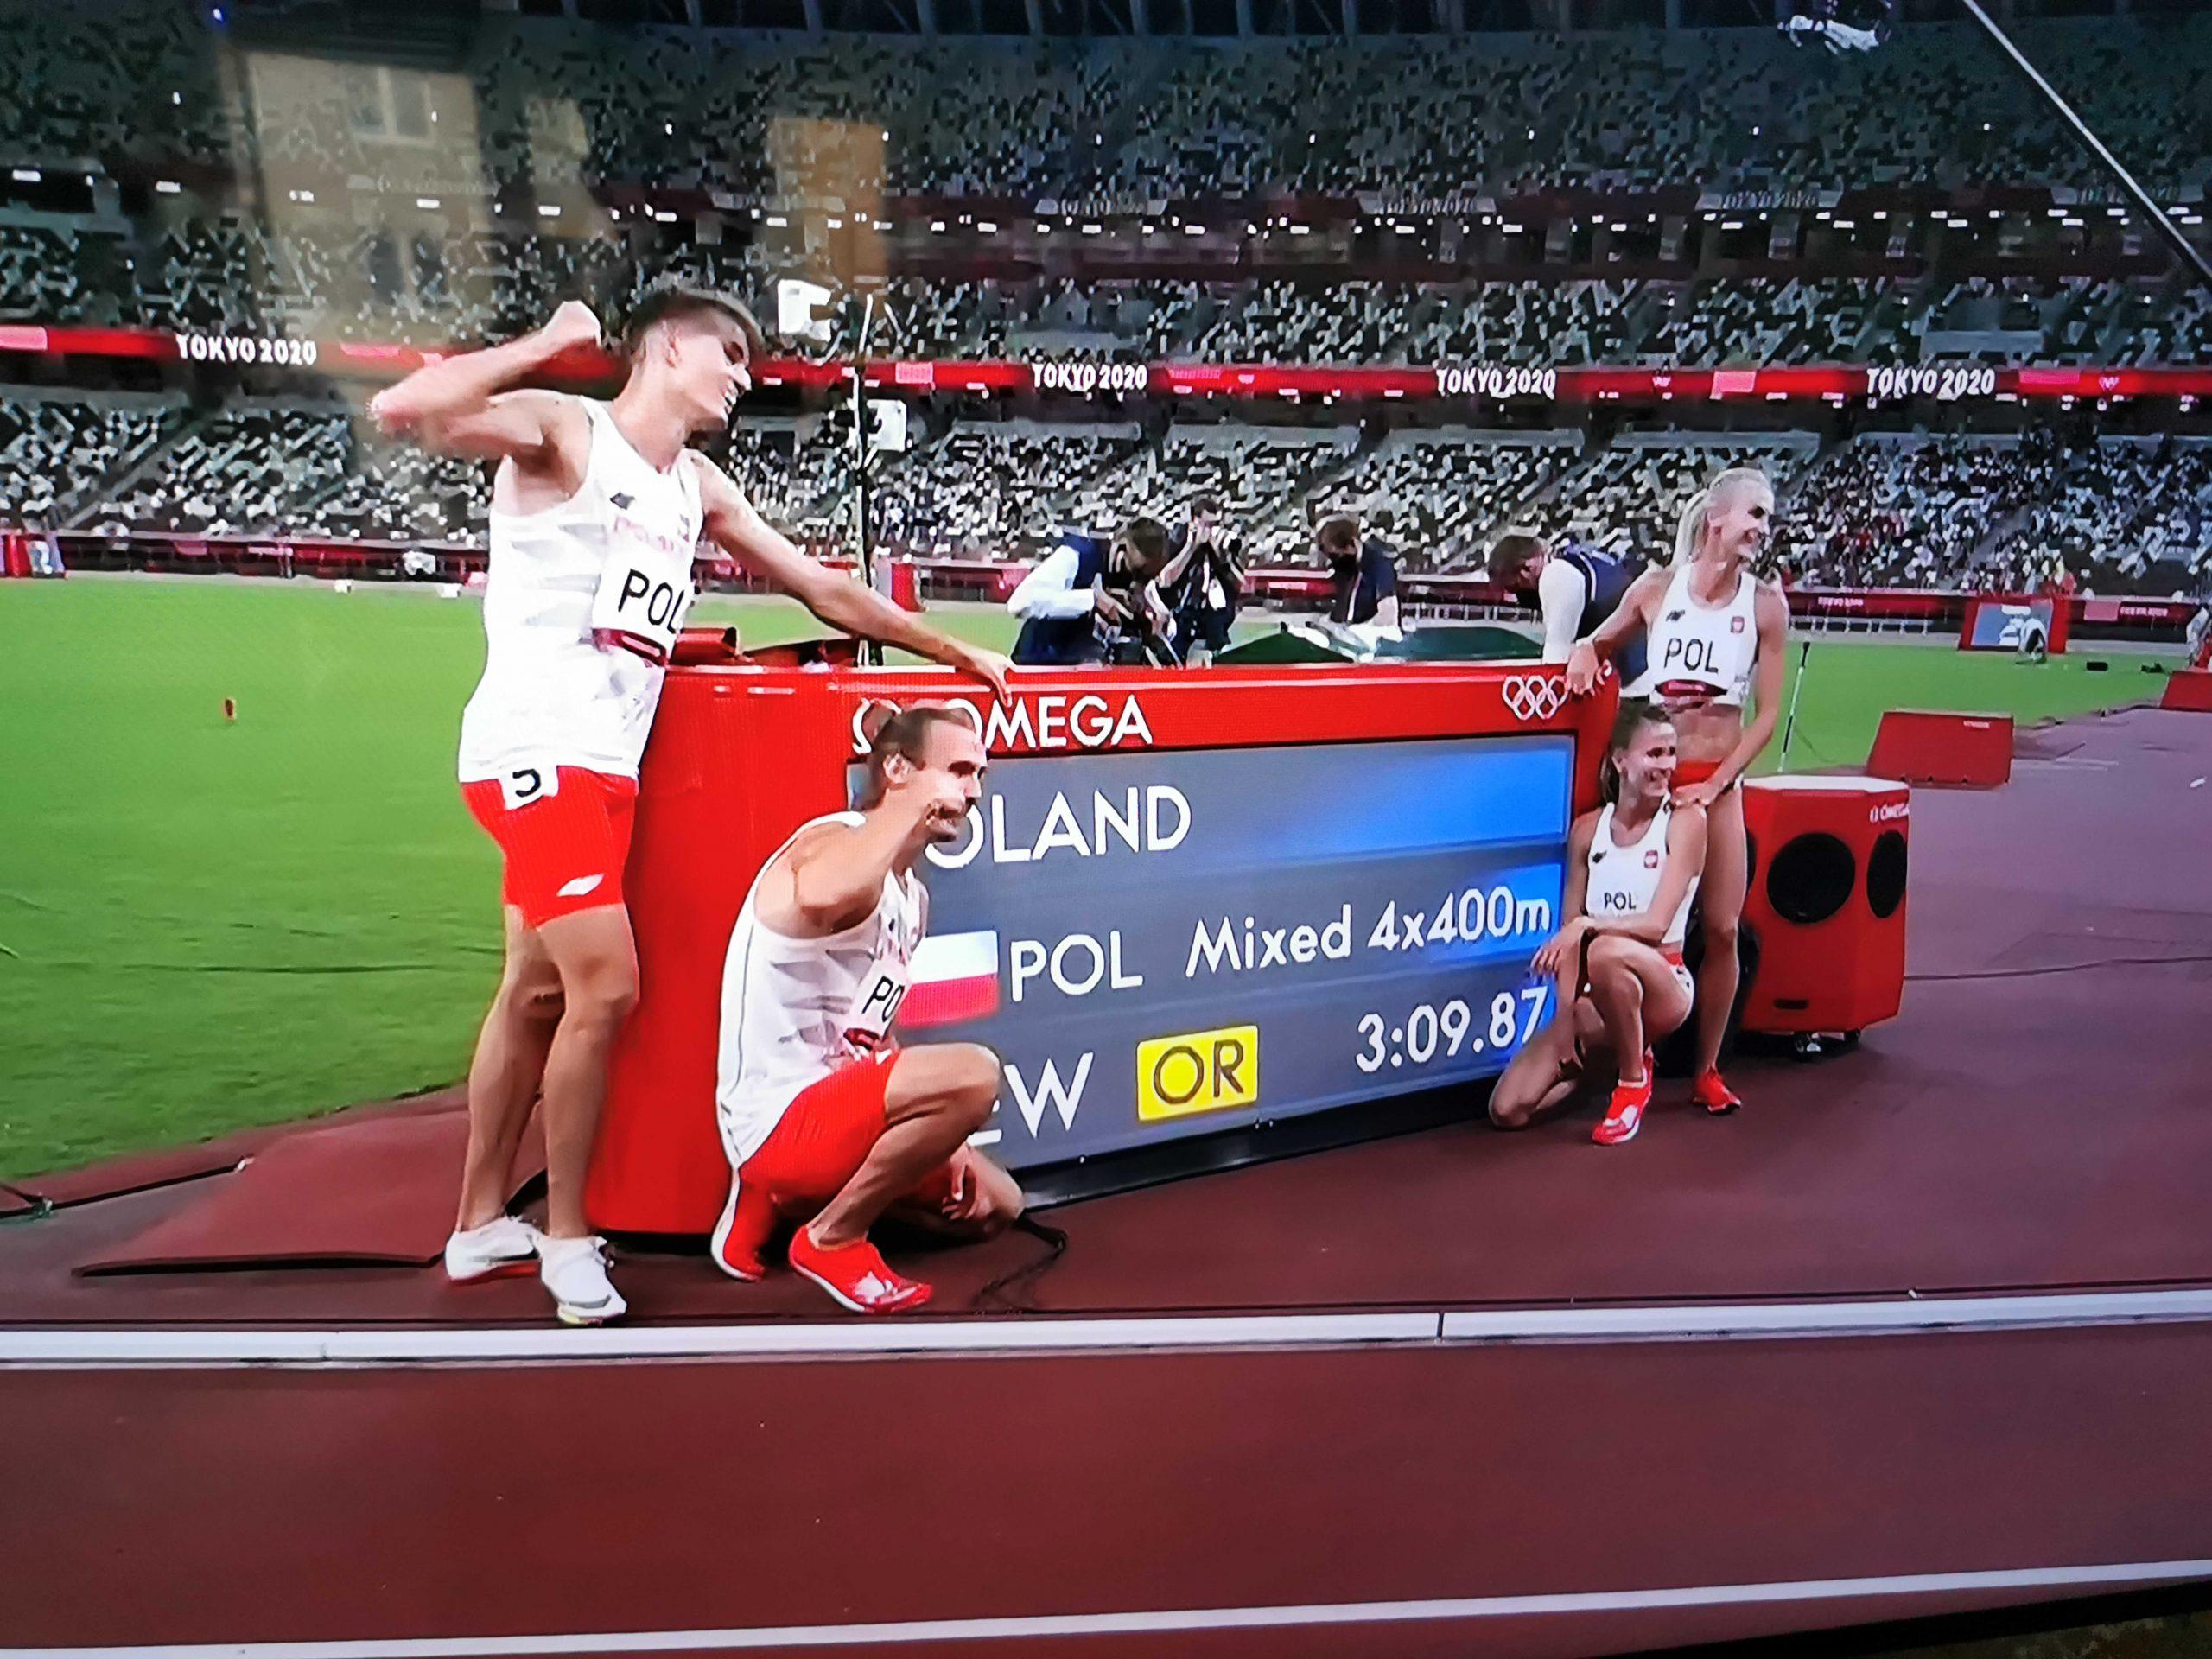 Złoto olimpijskie dla polskiej sztafety!